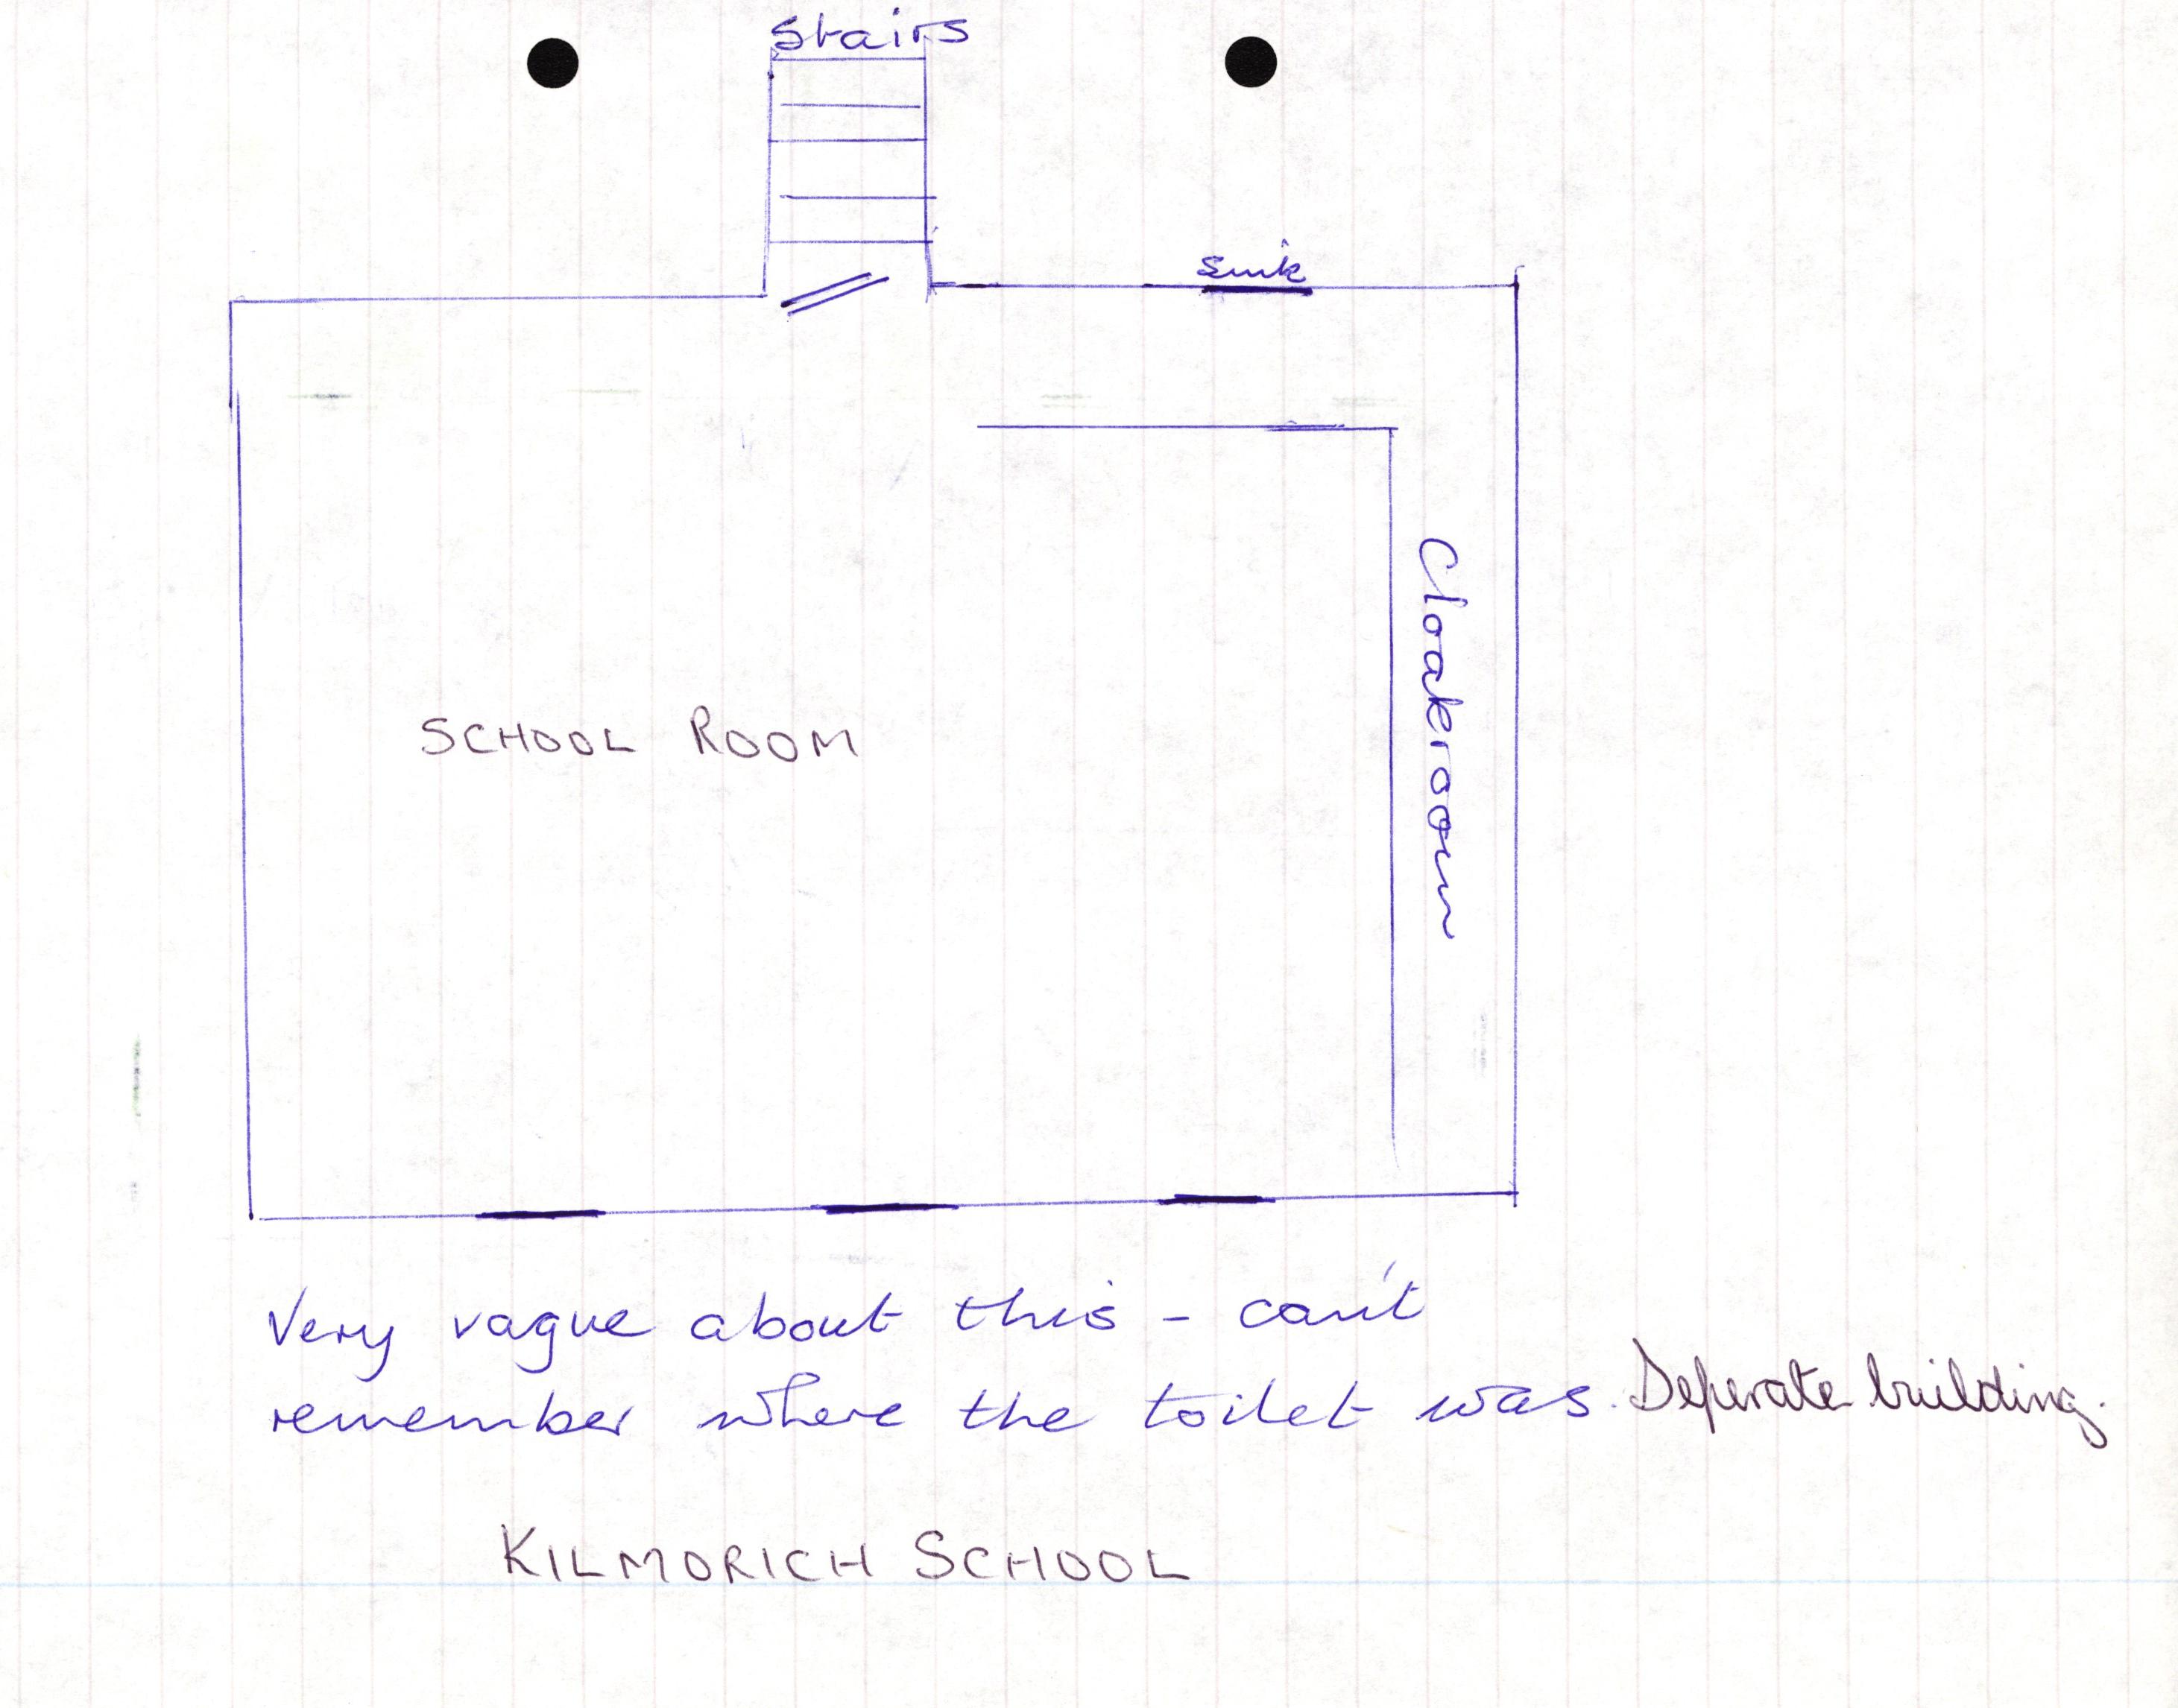 Kilmorich School 1955